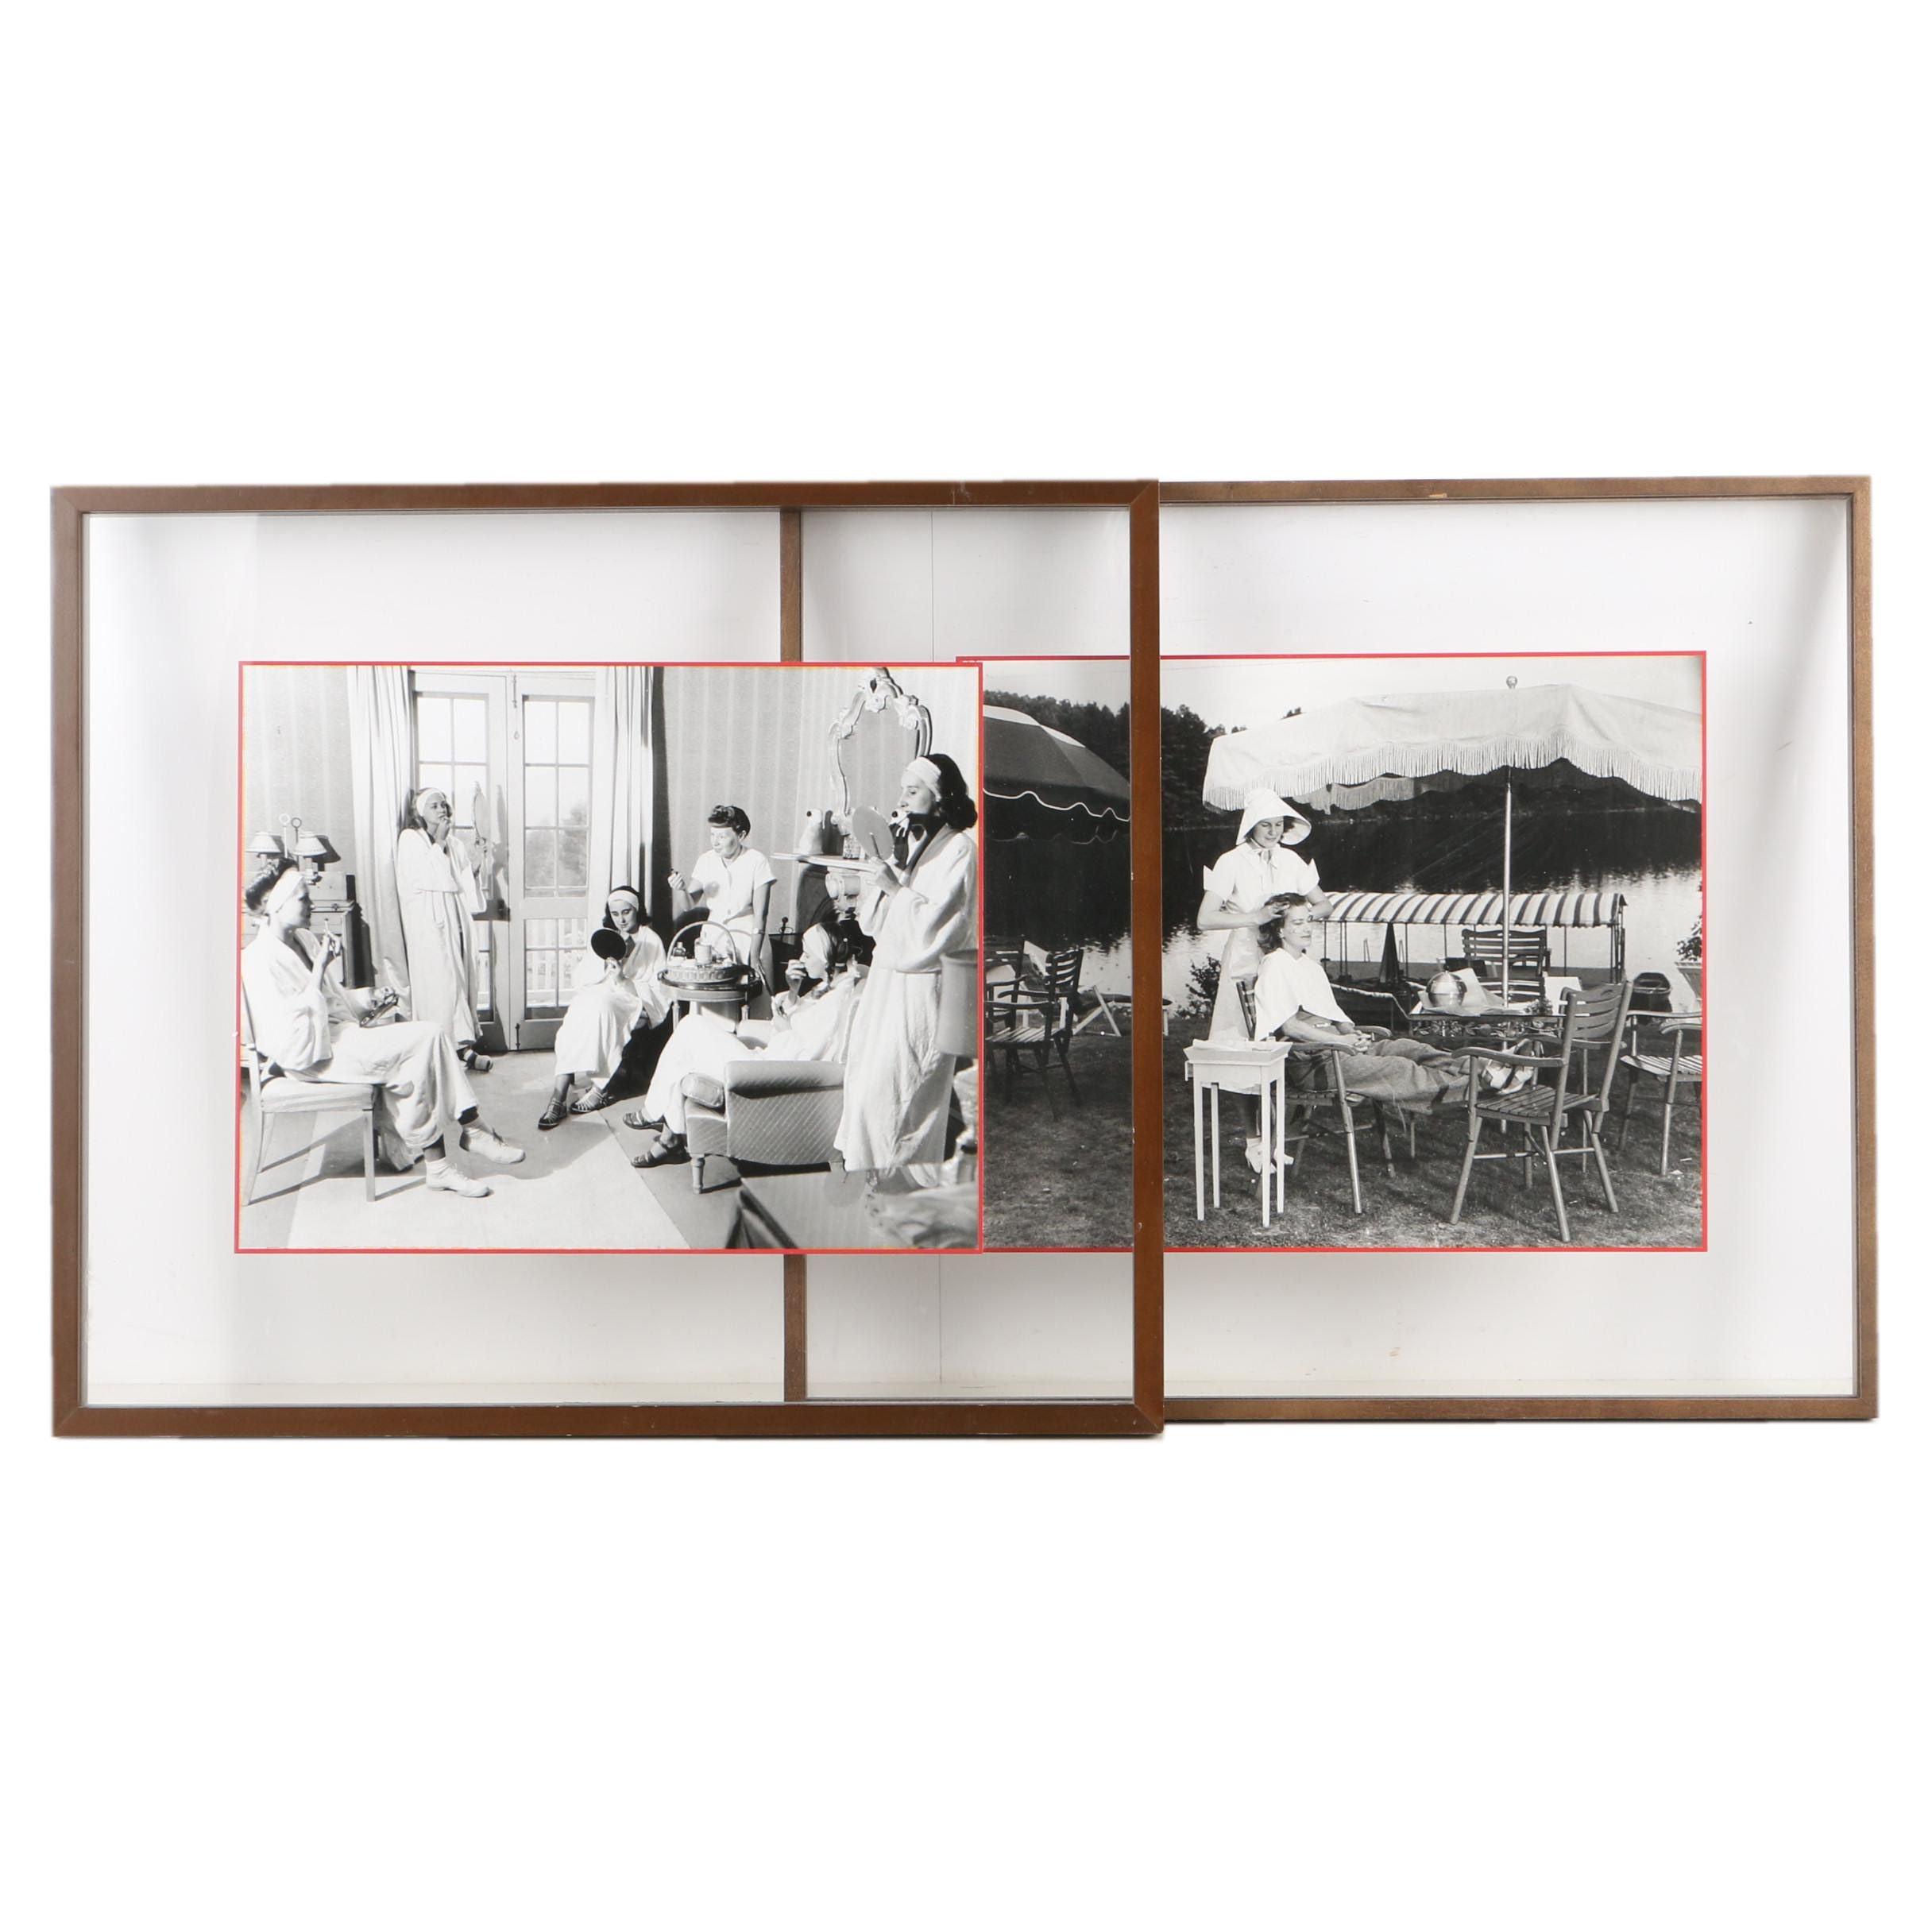 Silver Gelatin Photographs Featuring Elizabeth Arden's Maine Chance Spa